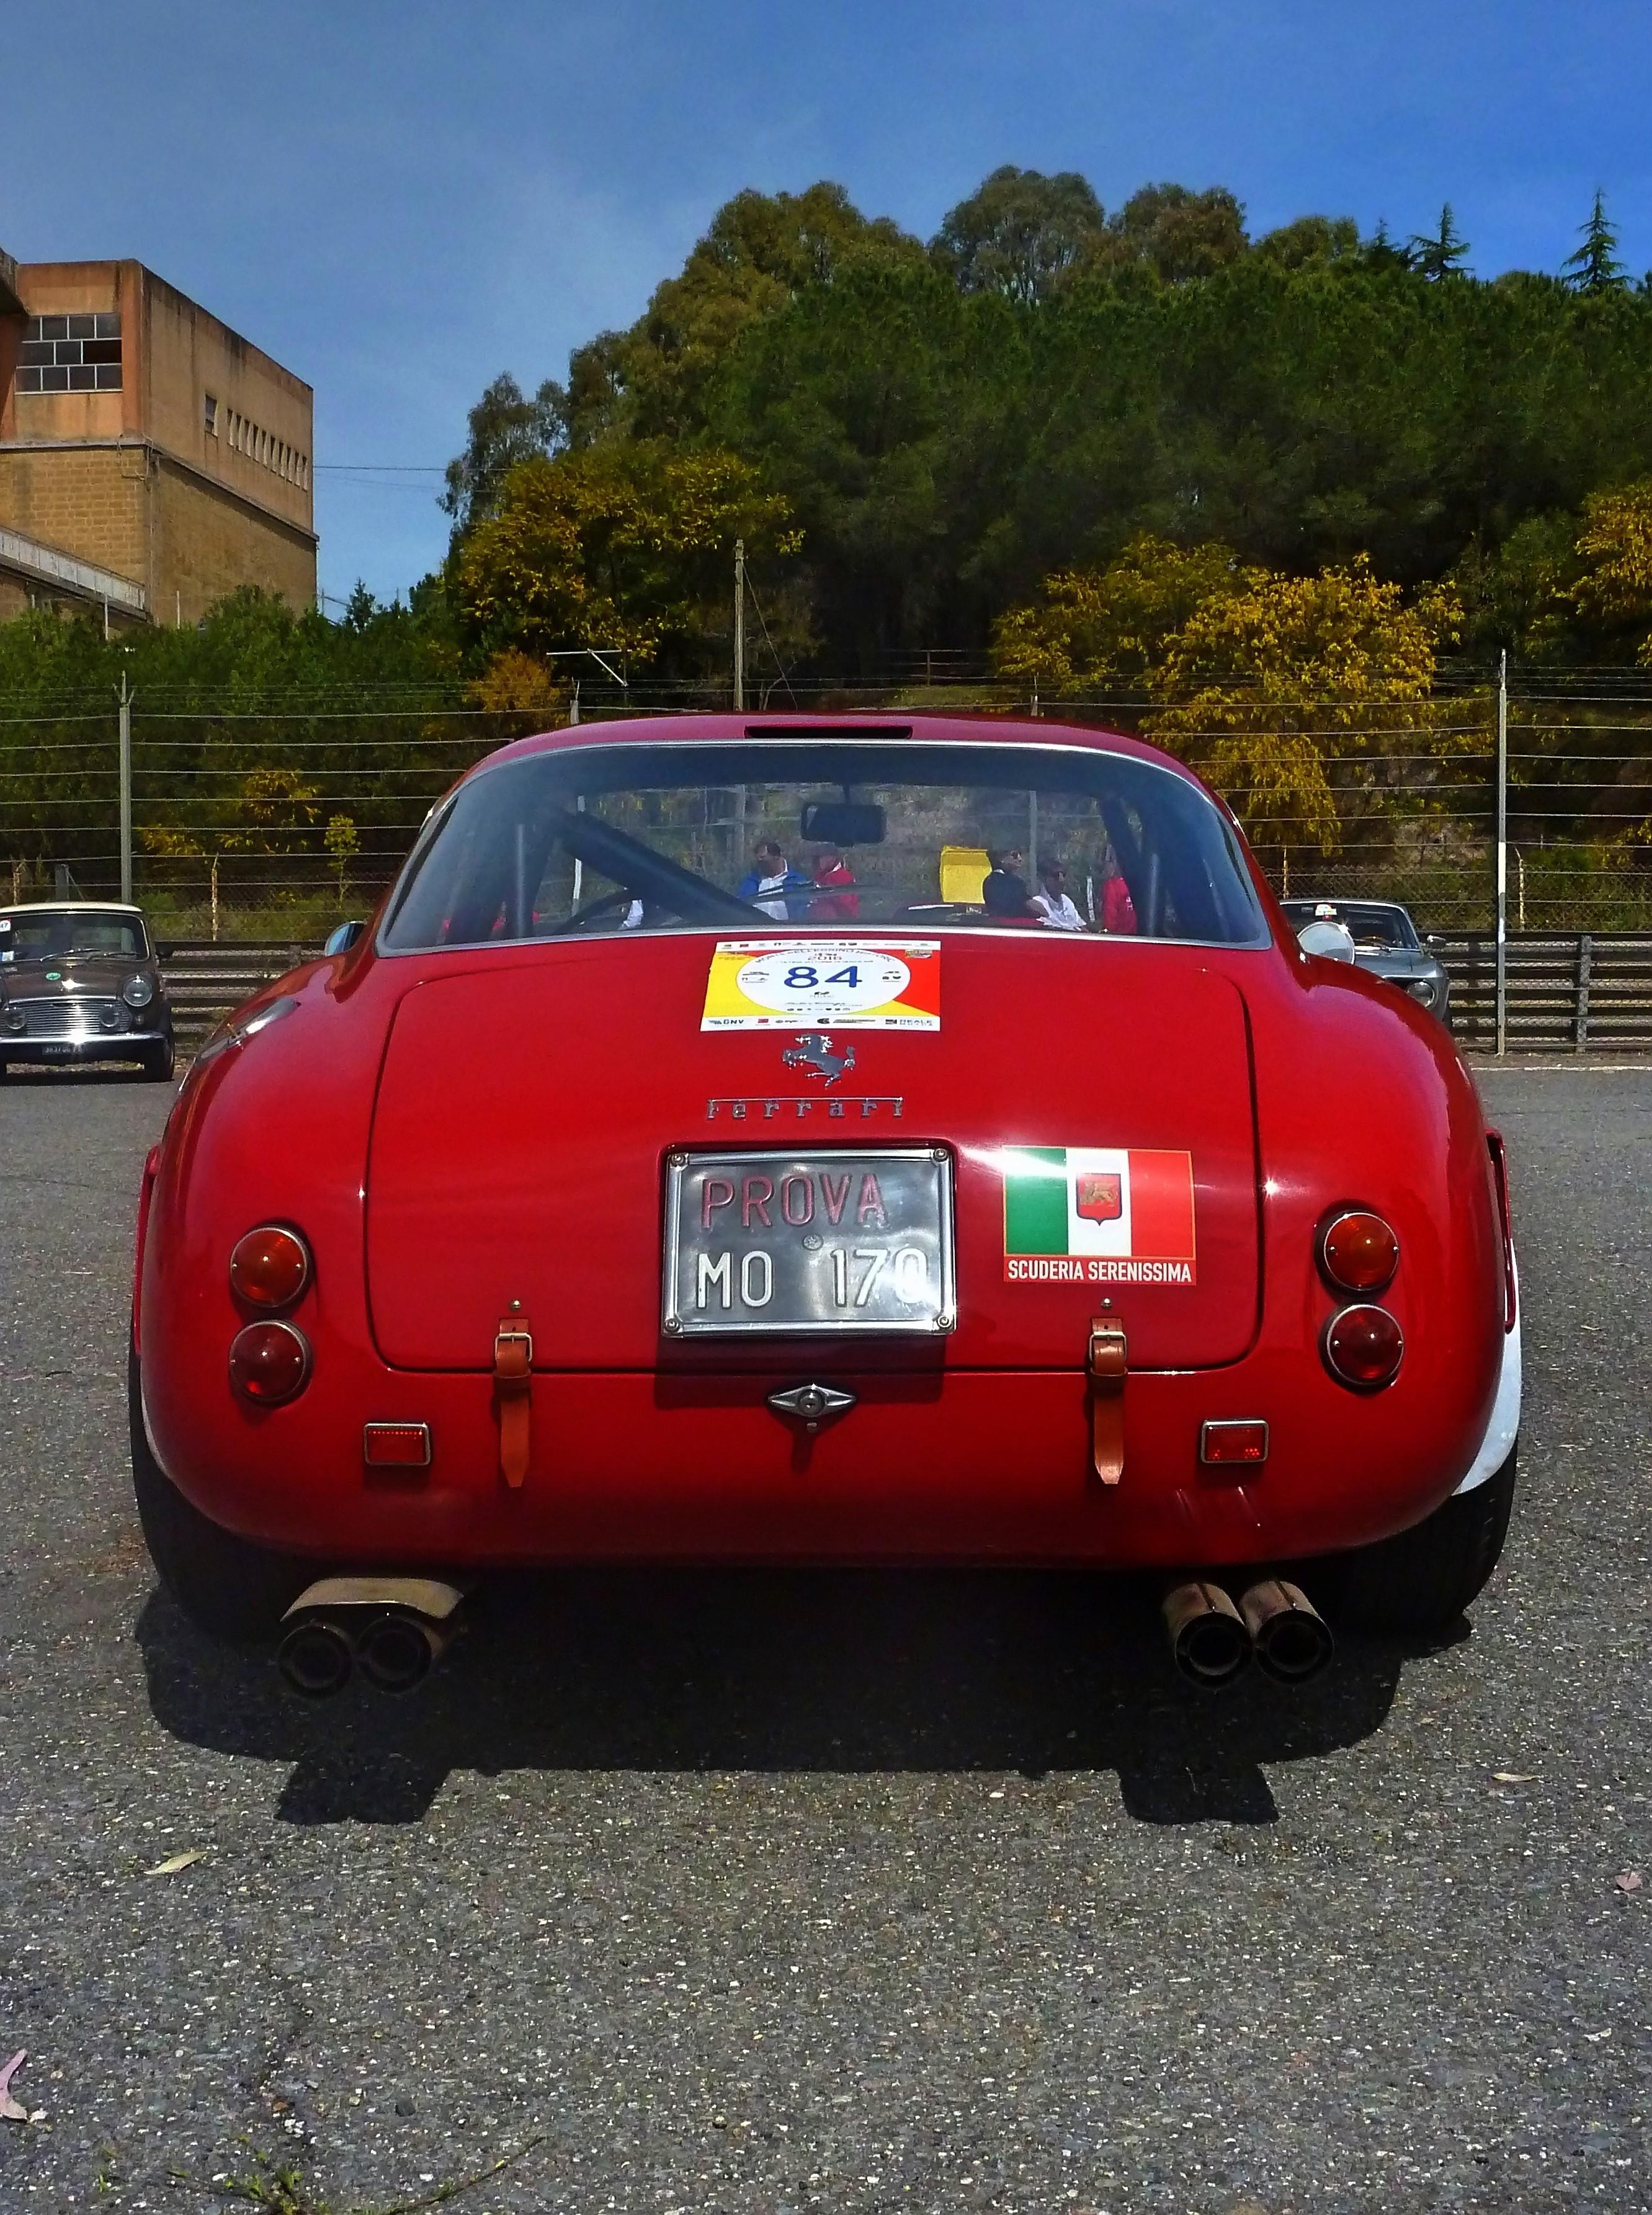 1961 Ferrari 250 GT SWB #2701 (31)_filtered